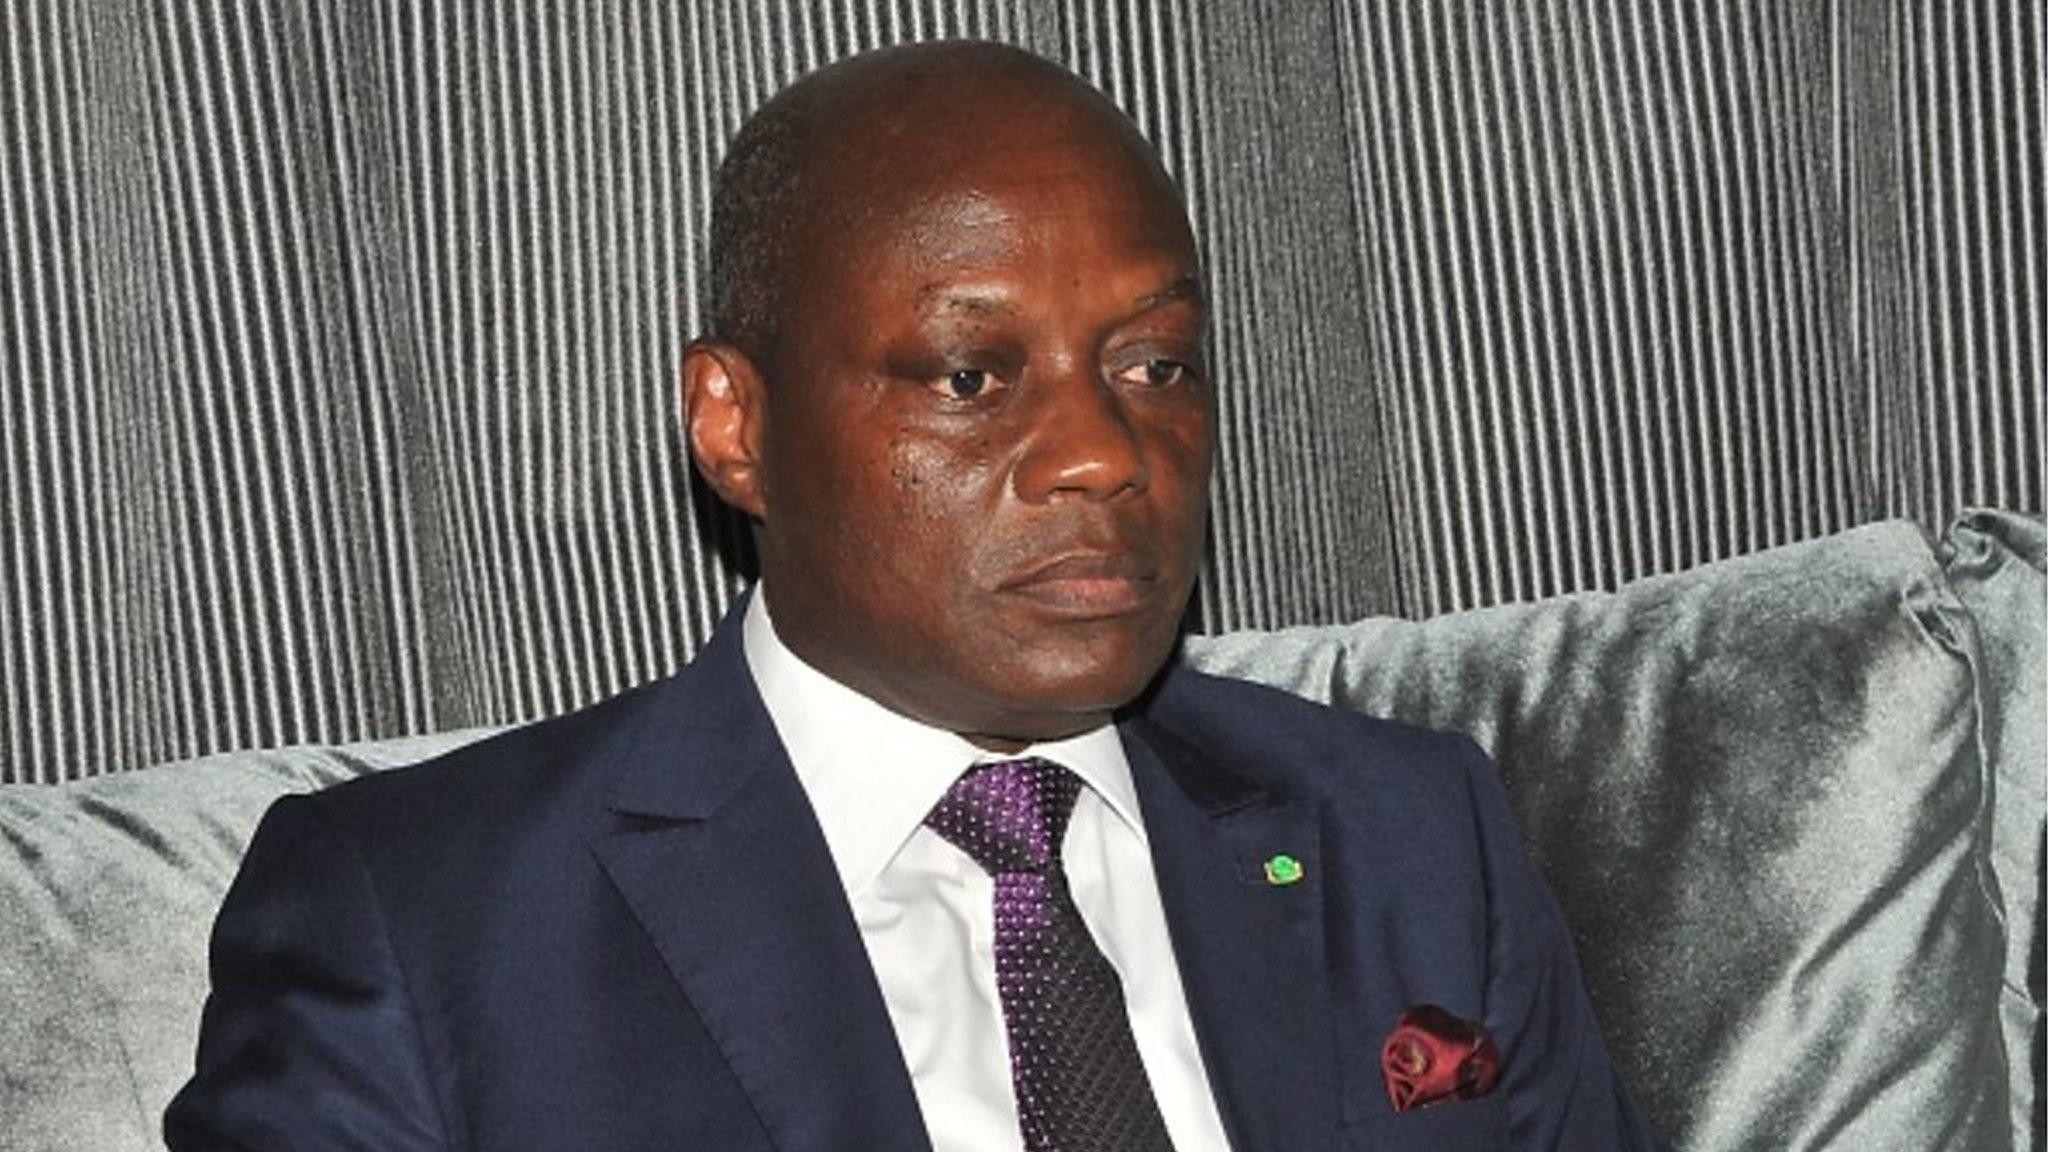 Sommet de Niamey sur la crise en Guinée-Bissau : Le président José Mario Vaz brille par son absence.